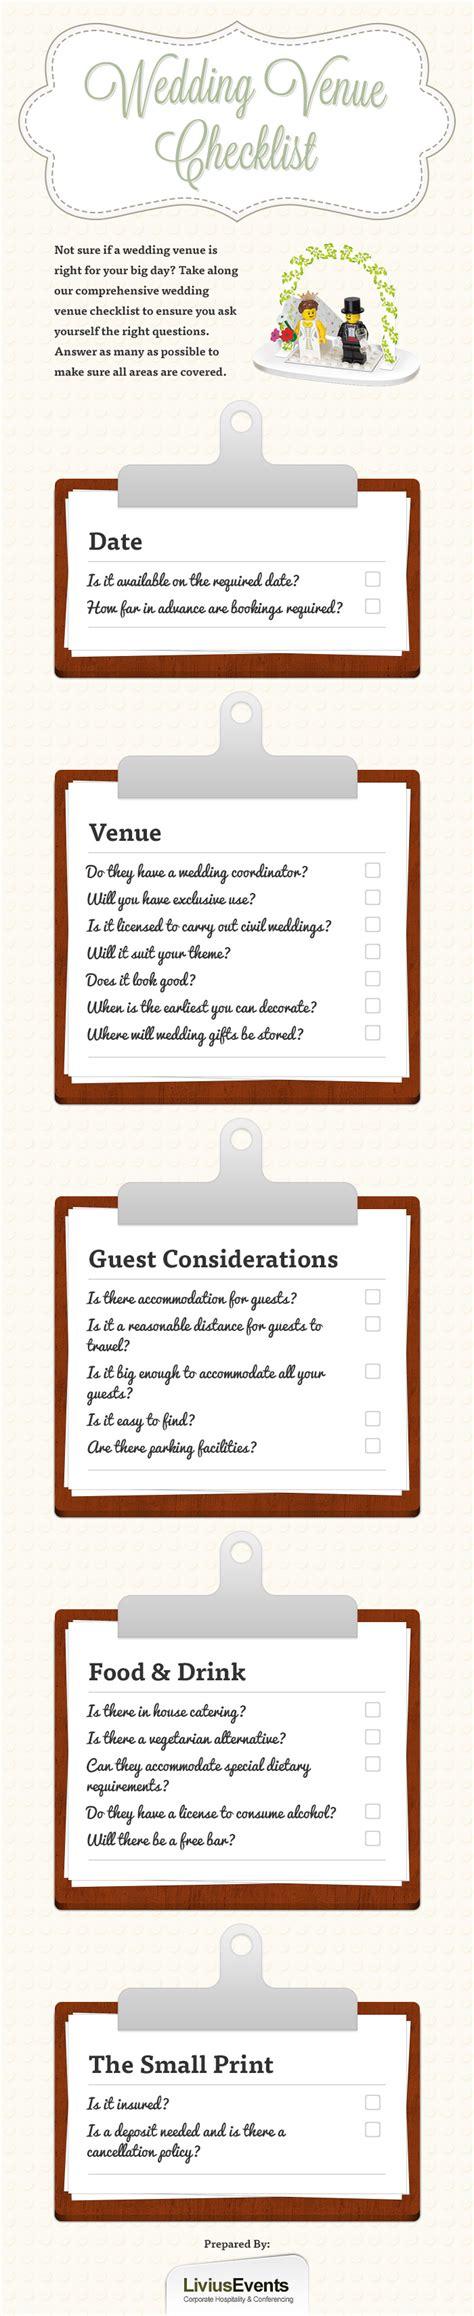 Wedding Checklist Venue by Wedding Venue Checklist Visual Ly